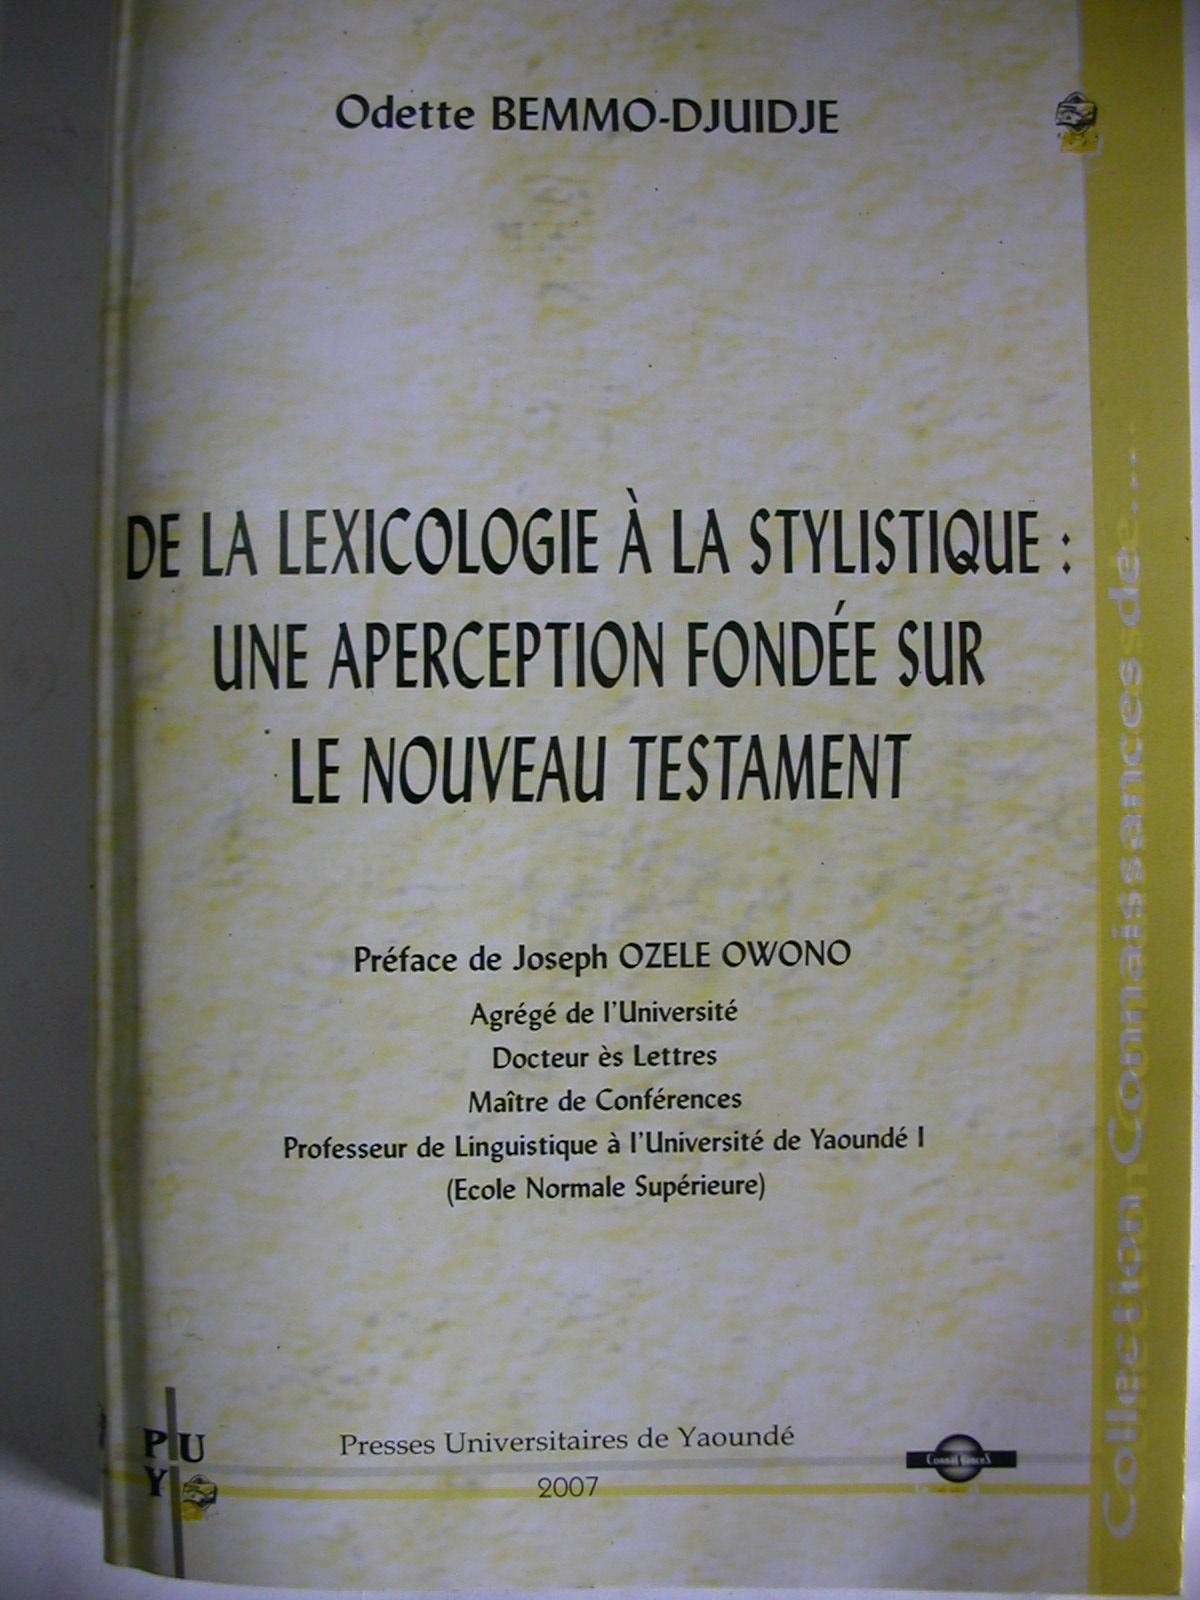 De la lexicologie à la stylistique, une aperception fondée sur le nouveau testament (2007)1